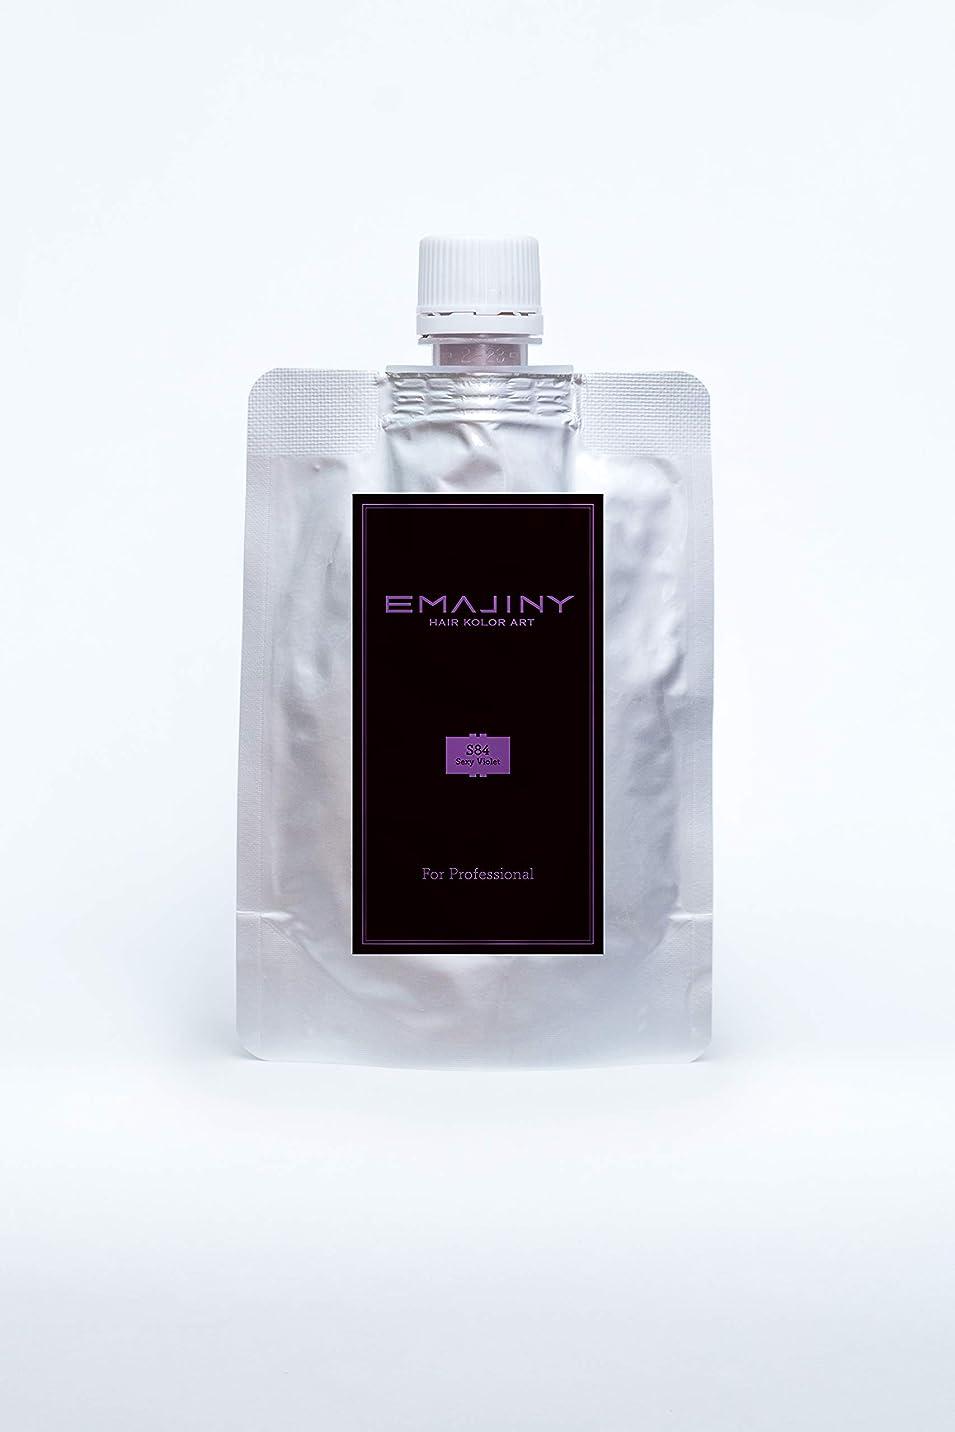 コスチューム数虐殺EMAJINY Sexy Violet S84(ヴァイオレットカラーワックス)ヴァイオレットプロフェッショナル100g大容量パック【日本製】【無香料】